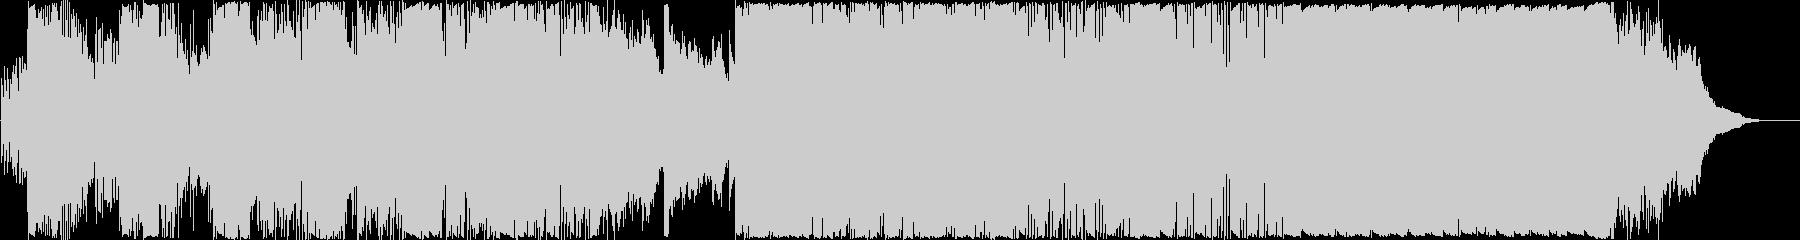 砂漠の街並みを描く特殊な旋法の民族音楽の未再生の波形